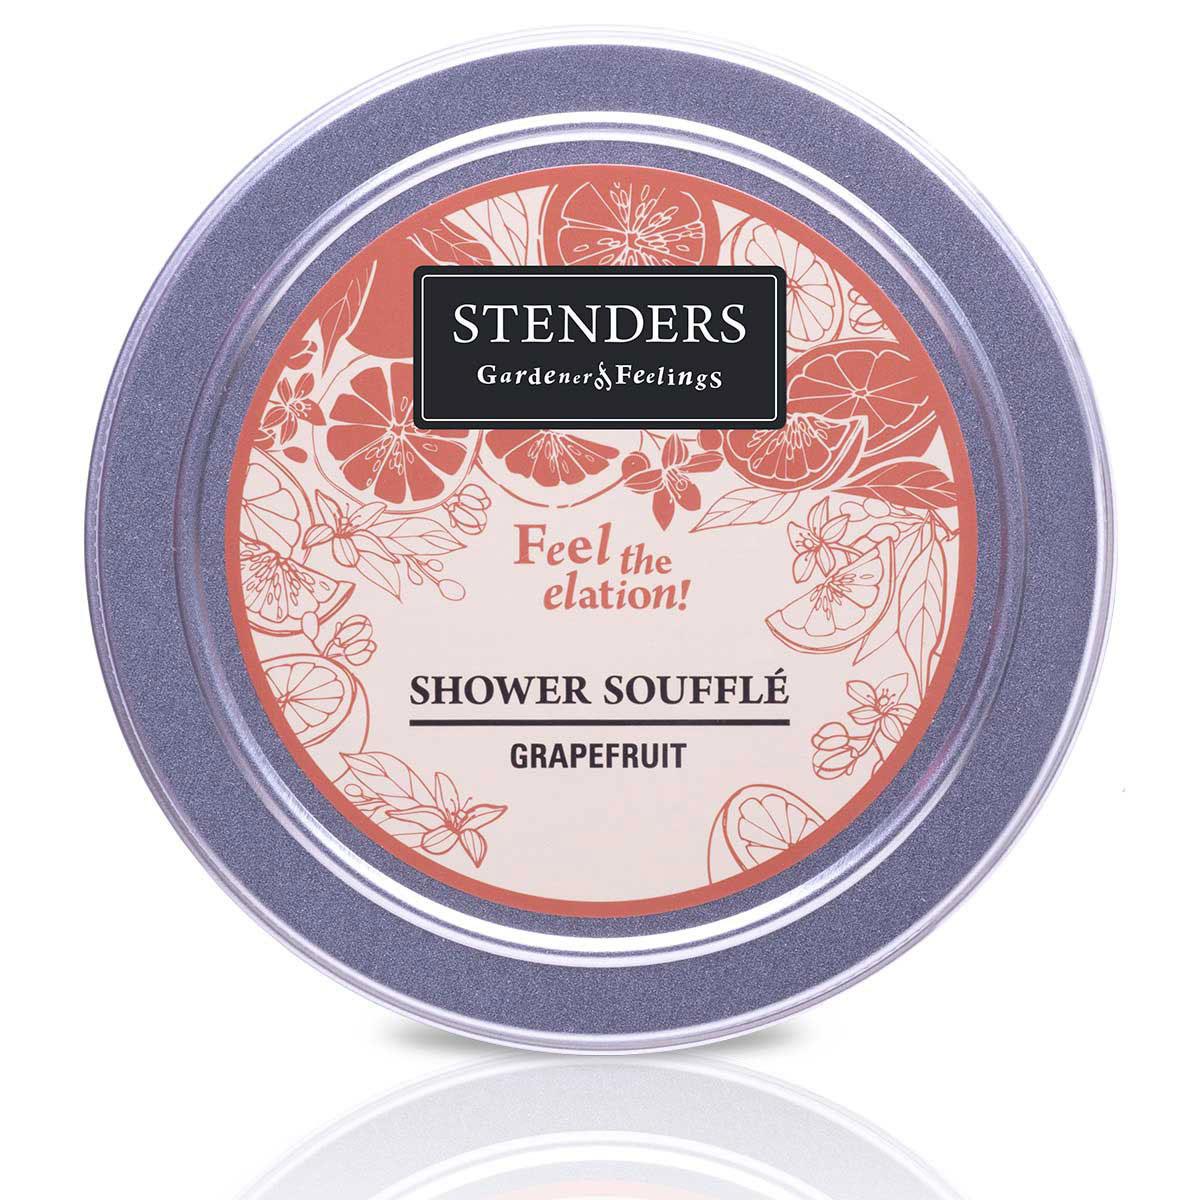 Stenders Мусс для душа Грейпфрутовый, 110 гDZ001Эта легкая кремовая пена очищает кожу нежнейшими прикосновениями. Это исключительная возможность насладиться удовольствием от купания. Почувствуйте, как жизнеутверждающий аромат эфирного масла грейпфрута вдохновляет вас по-настоящему наслаждаться жизнью. Этот мусс бережно относится к вашей коже – его ph 5,5 и он не содержит парабенов и сульфатов.PH - нейтральный мягкий воздушный мусс для мытья тела. Грейпфрутовому эфирному маслу присуща солнечная и оживляющая сила, которая взбодрит как тело, так и дух. Кроме того, оно может помочь улучшить структуру вашей кожи. Глицерин – это органическое соединение с увлажняющим и смягчающим кожу воздействием. Кроме того, ему присуща способность привлекать влагу из воздуха.